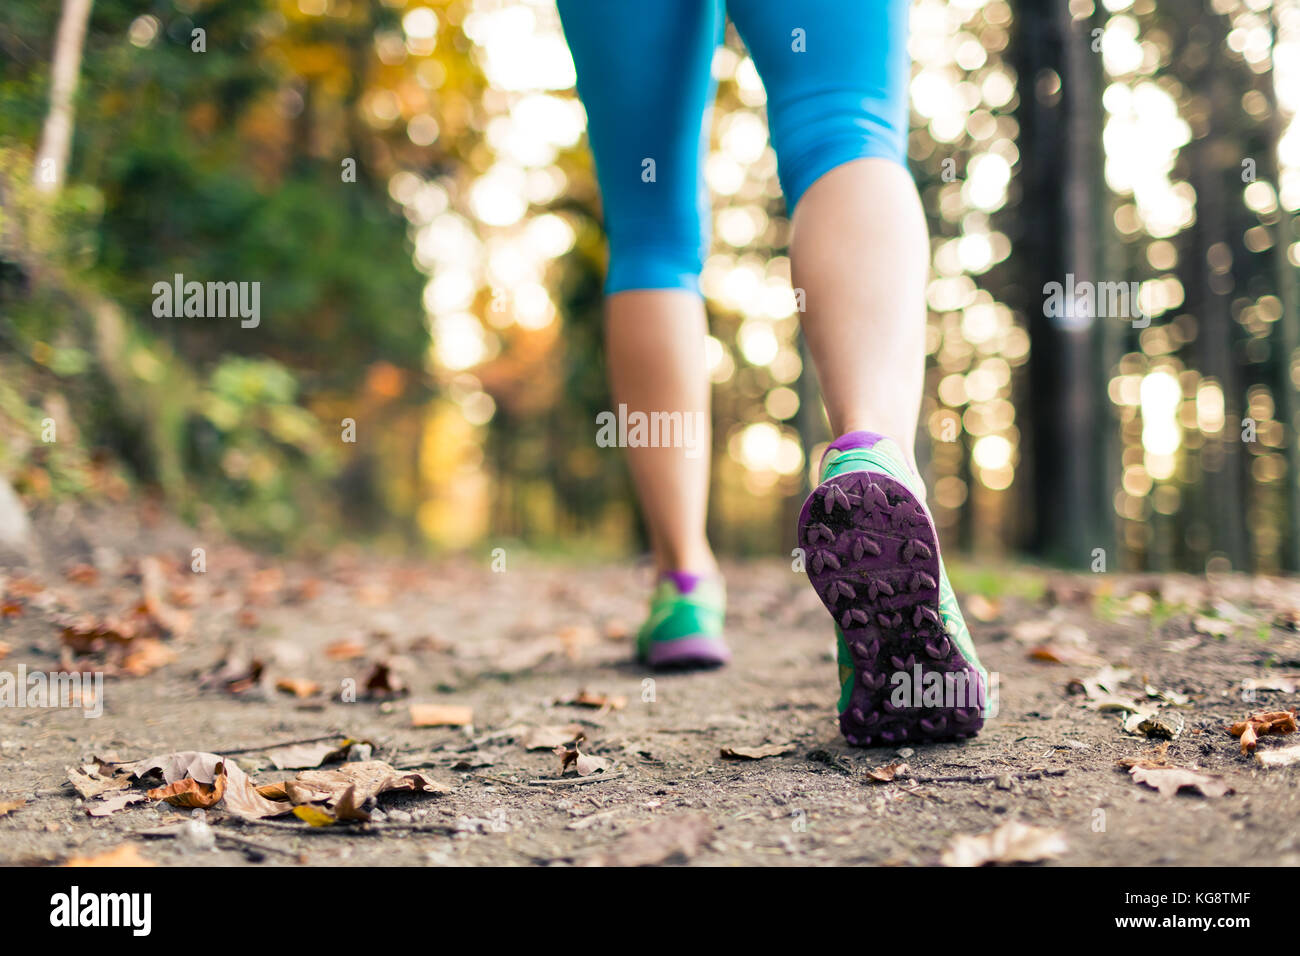 Mujer, paseos y excursiones en otoño bosque, calzado deportivo. Footing, senderismo o formación fuera en otoño de Foto de stock